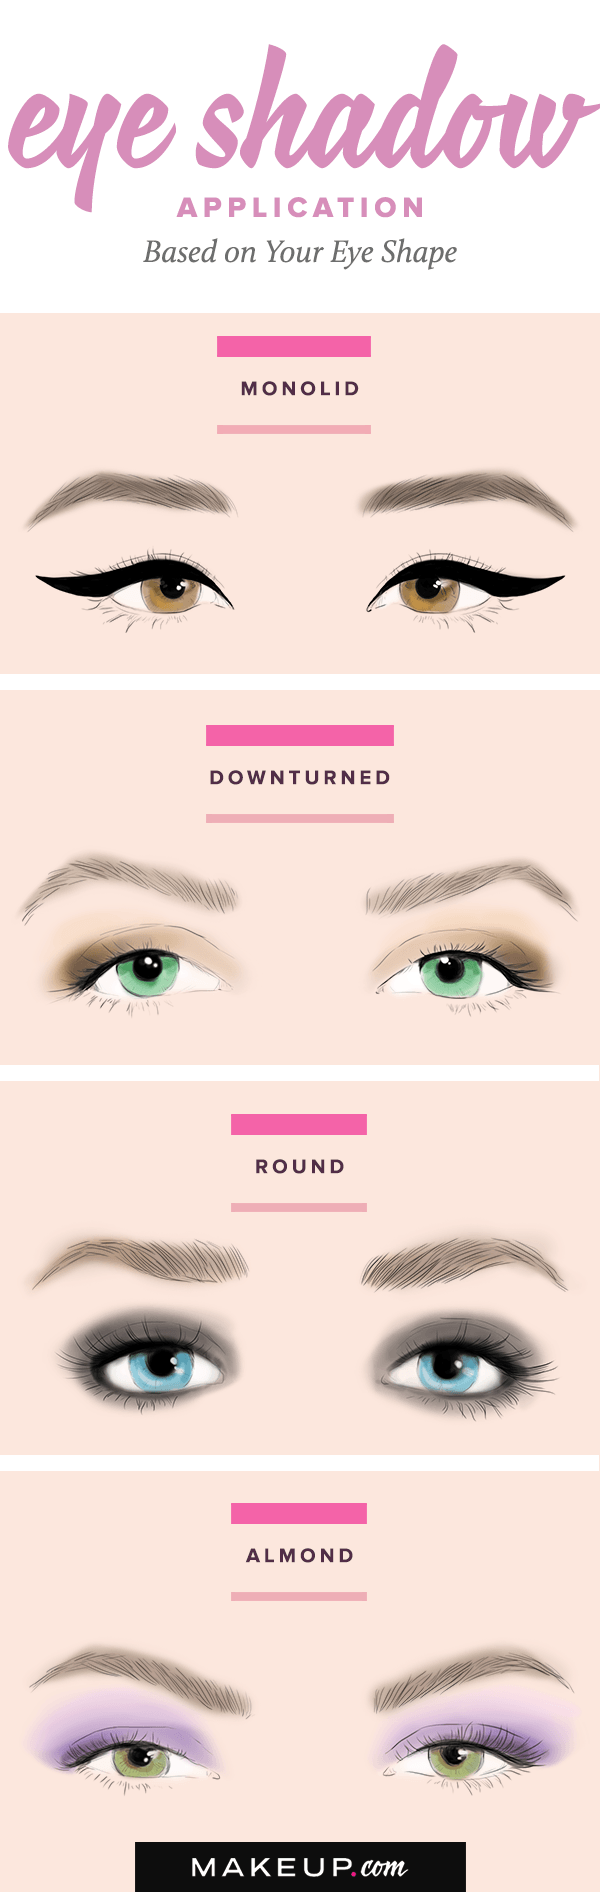 How to Apply Eyeshadow for Your Eye Shape Applying eye